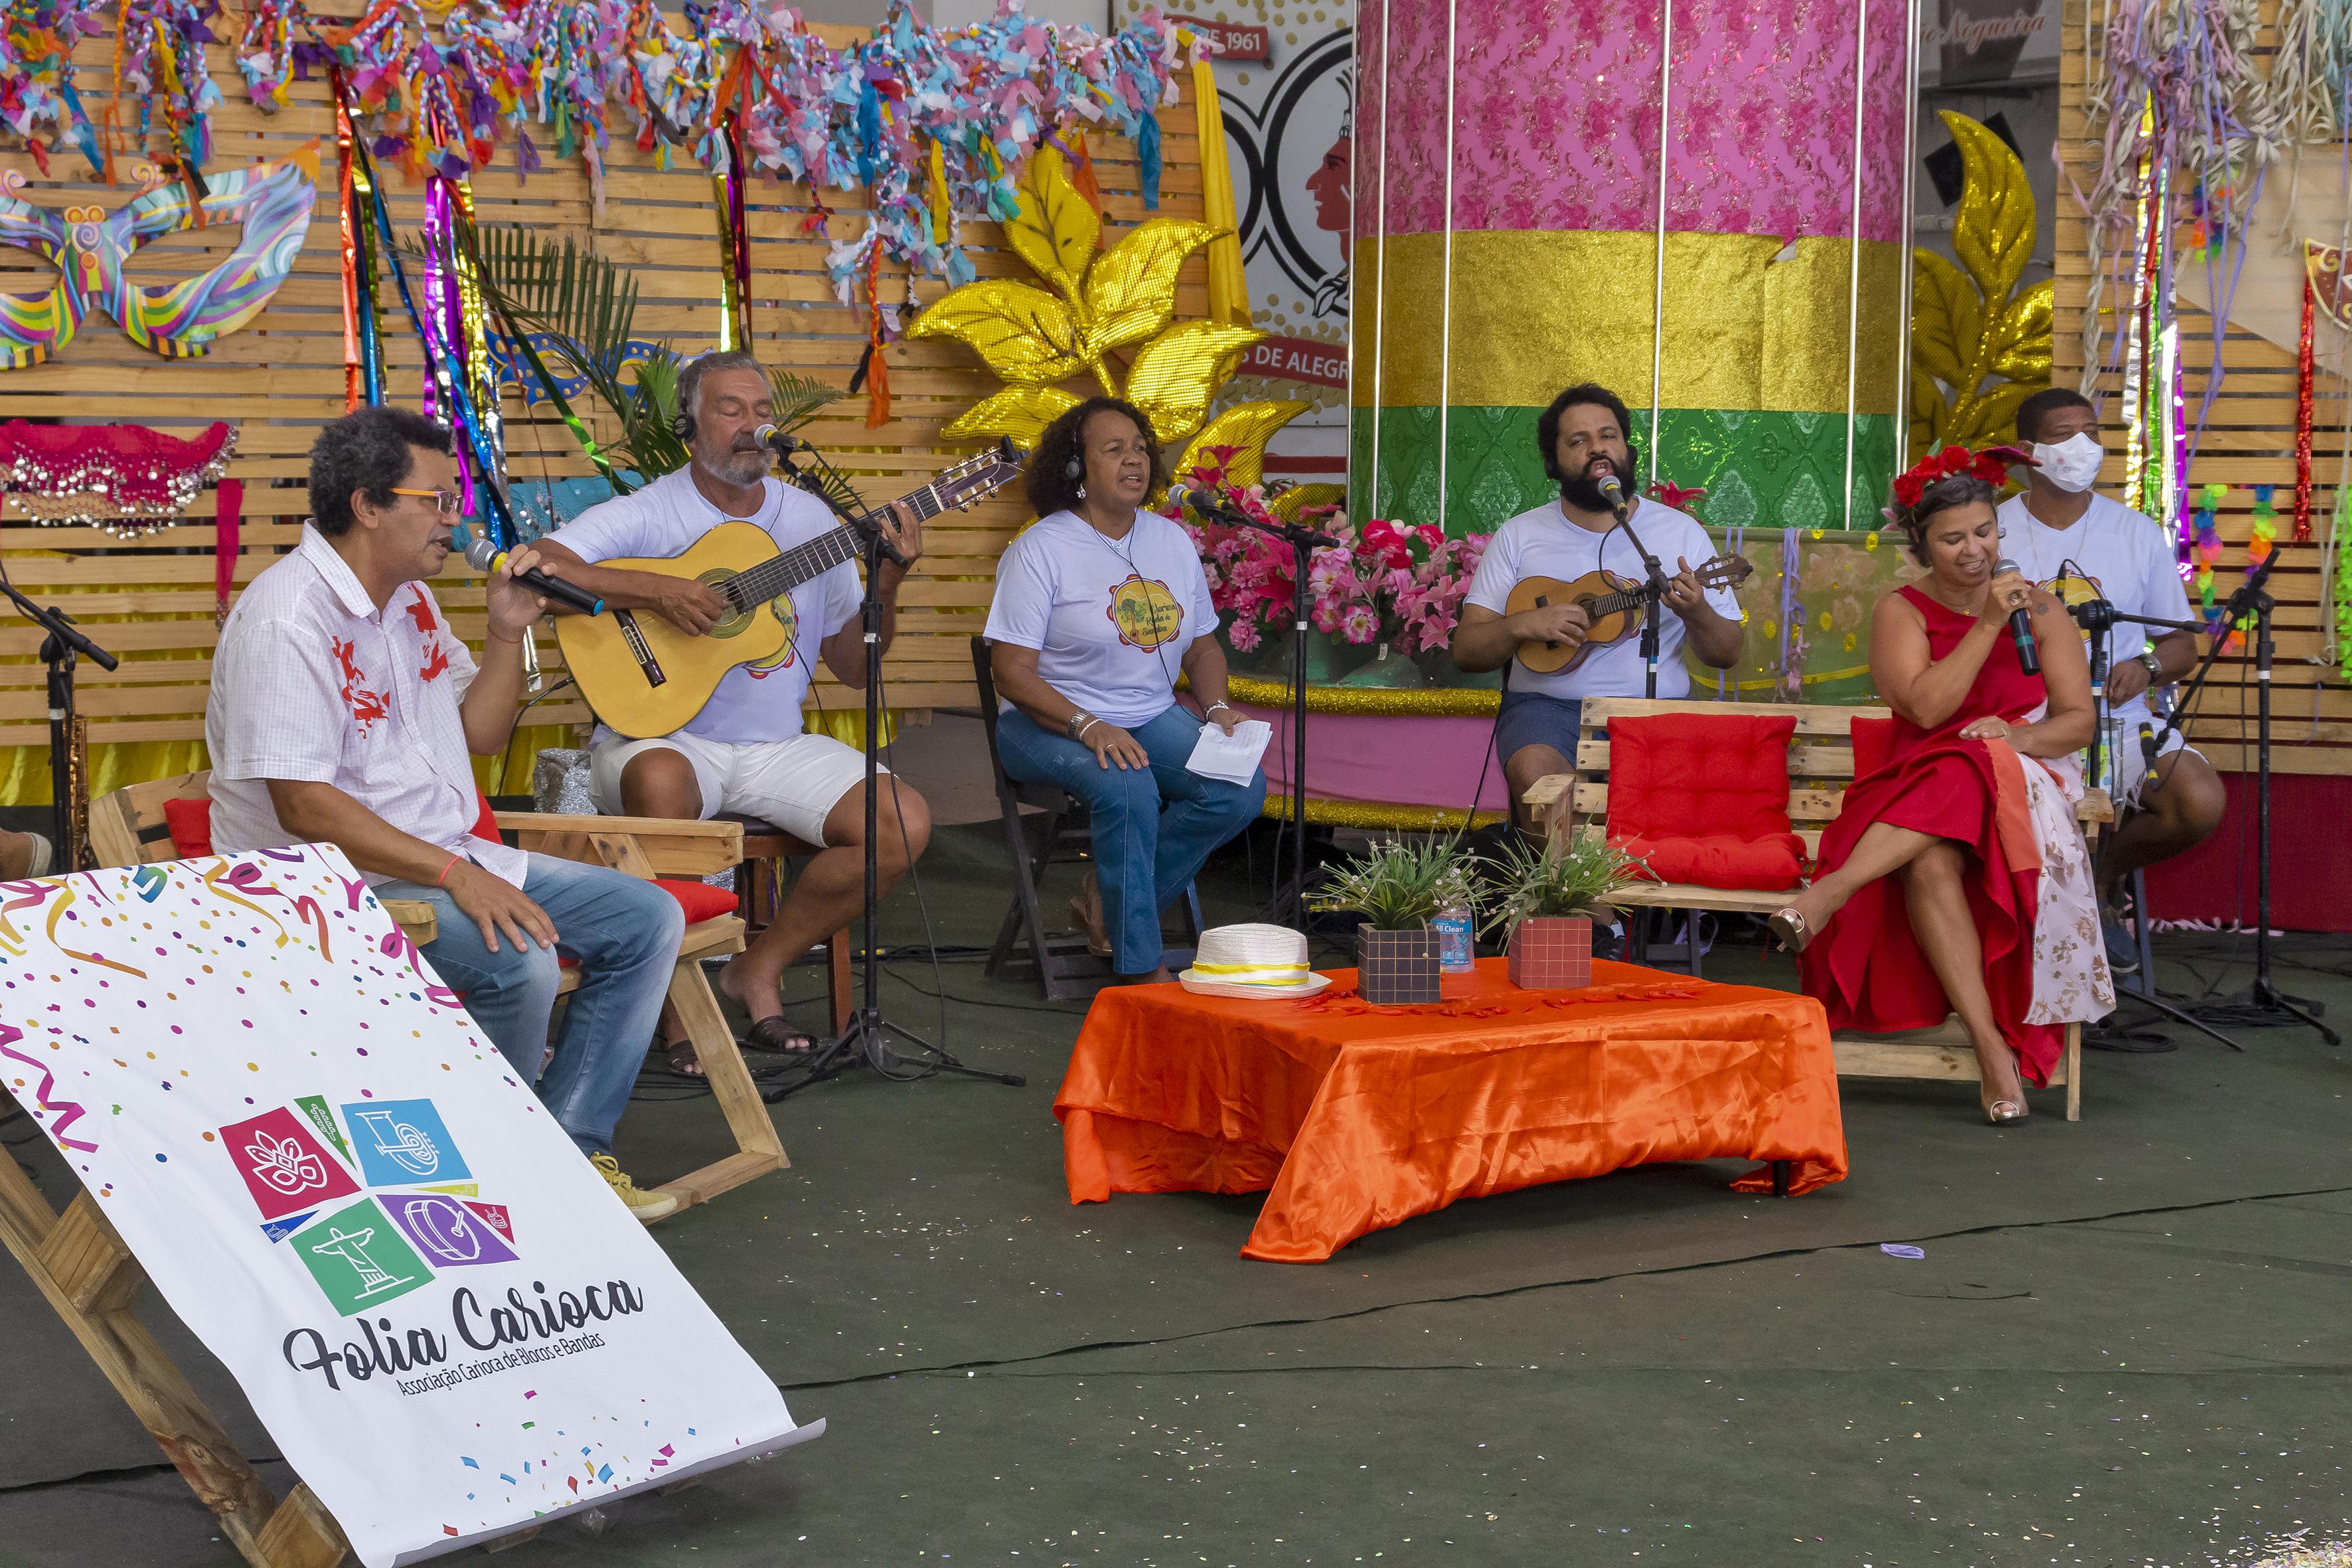 Sob a direção de Paulão 7 Cordas, Festival vai homenagear o bloco Cacique de Ramos, que completa 60 anos.